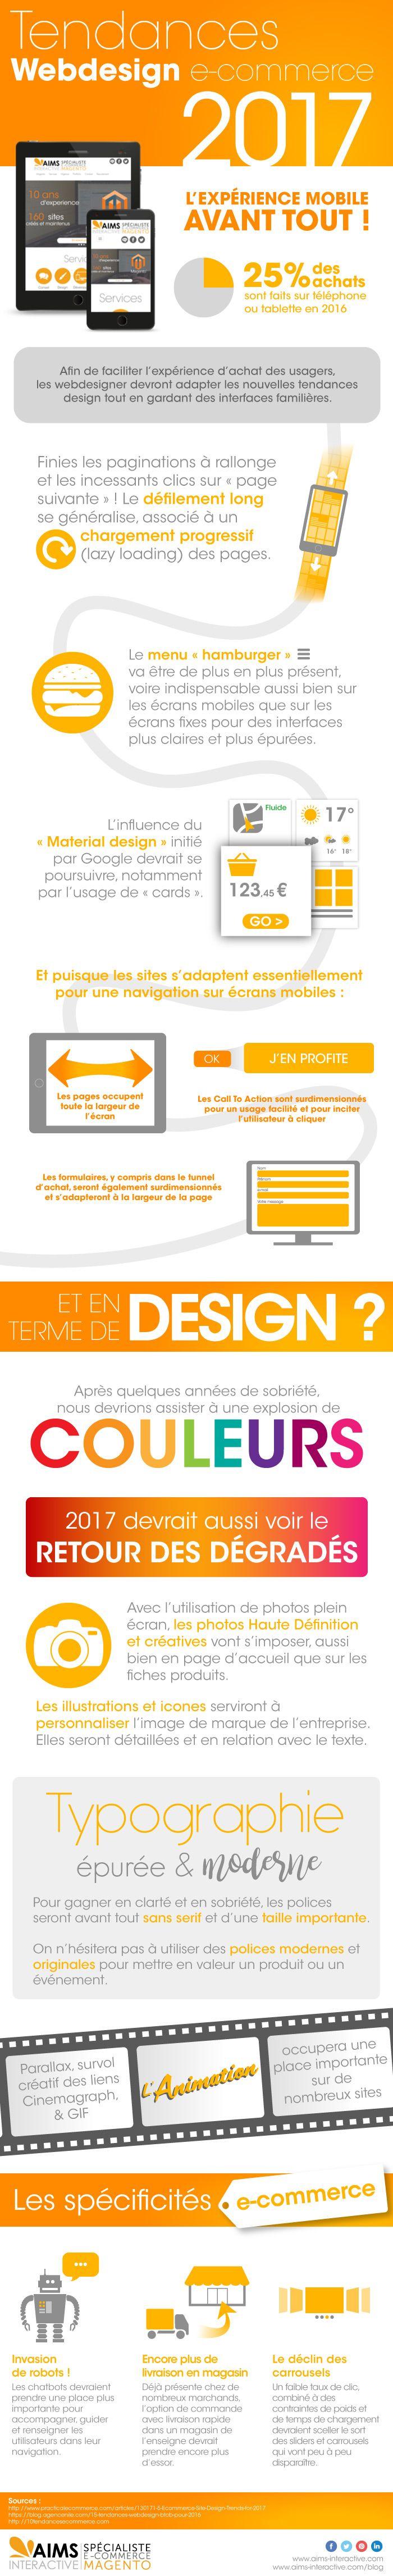 Flat, Bold, Material... En matière de design, le web aussi connaît des tendances de fond. Mais à la différence d'autres secteurs, le design d'un site va bi